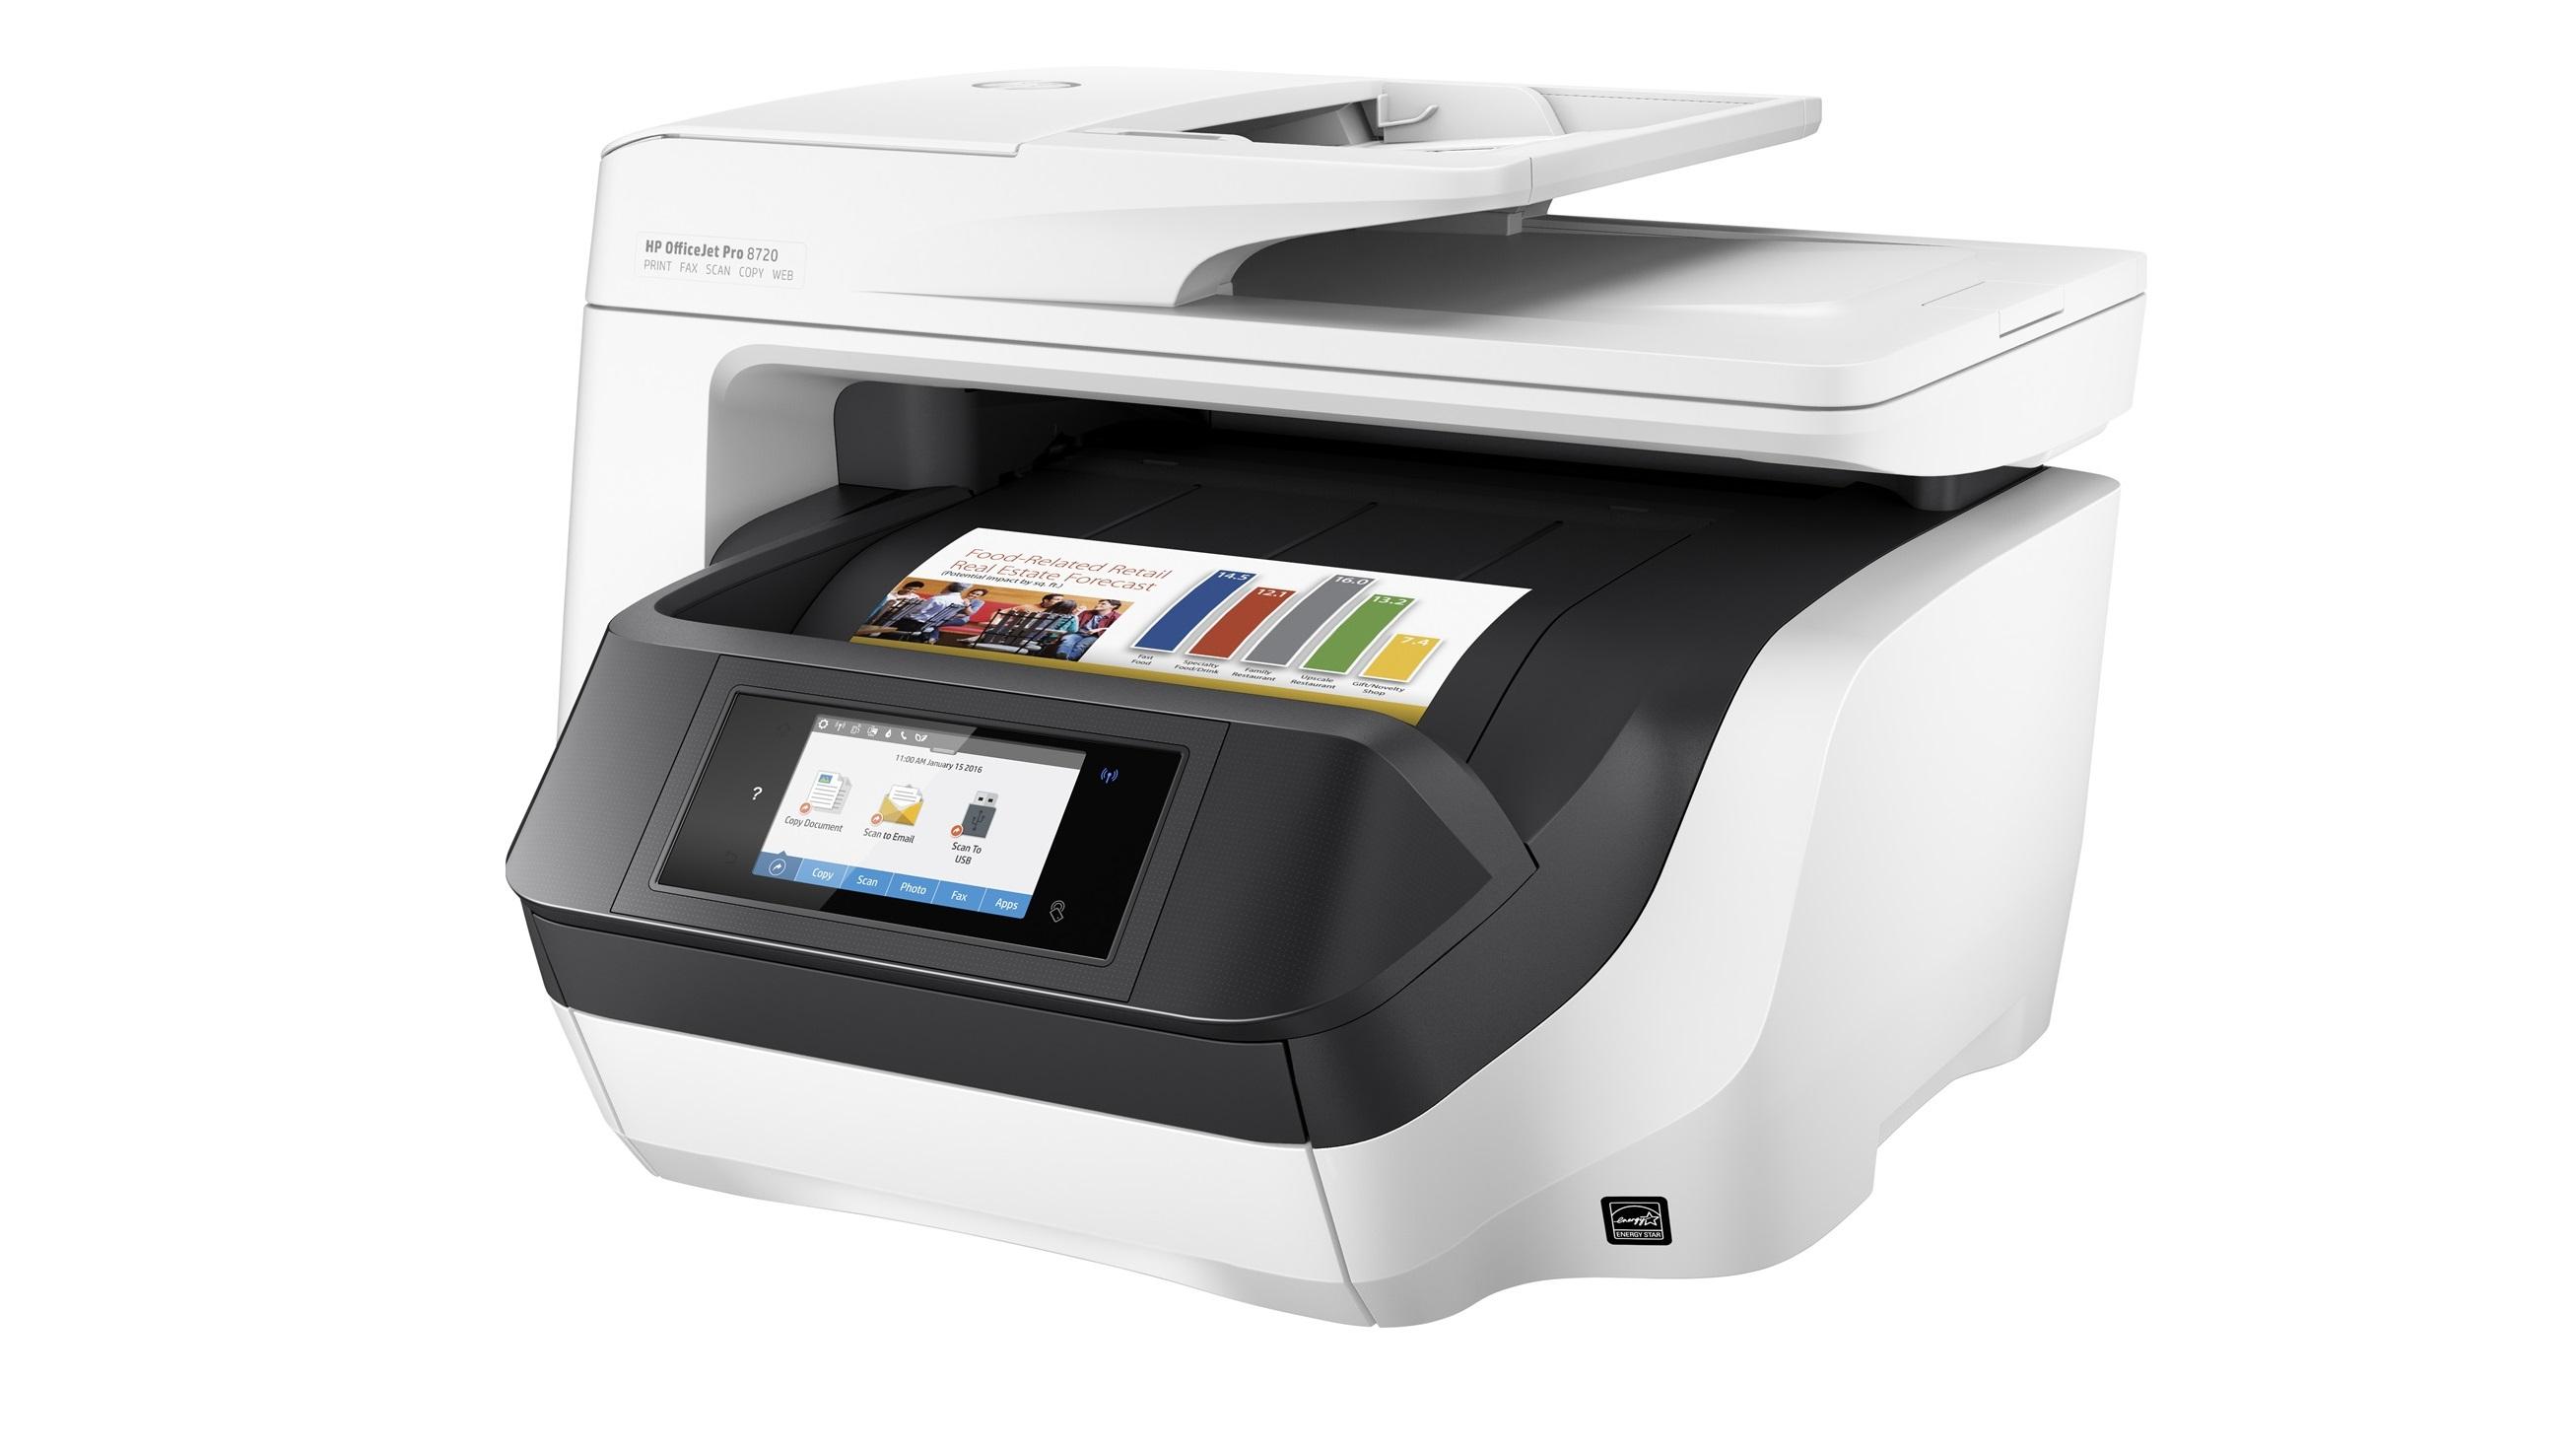 HP OfficeJet Pro 8720 Wireless All-in-One Printer